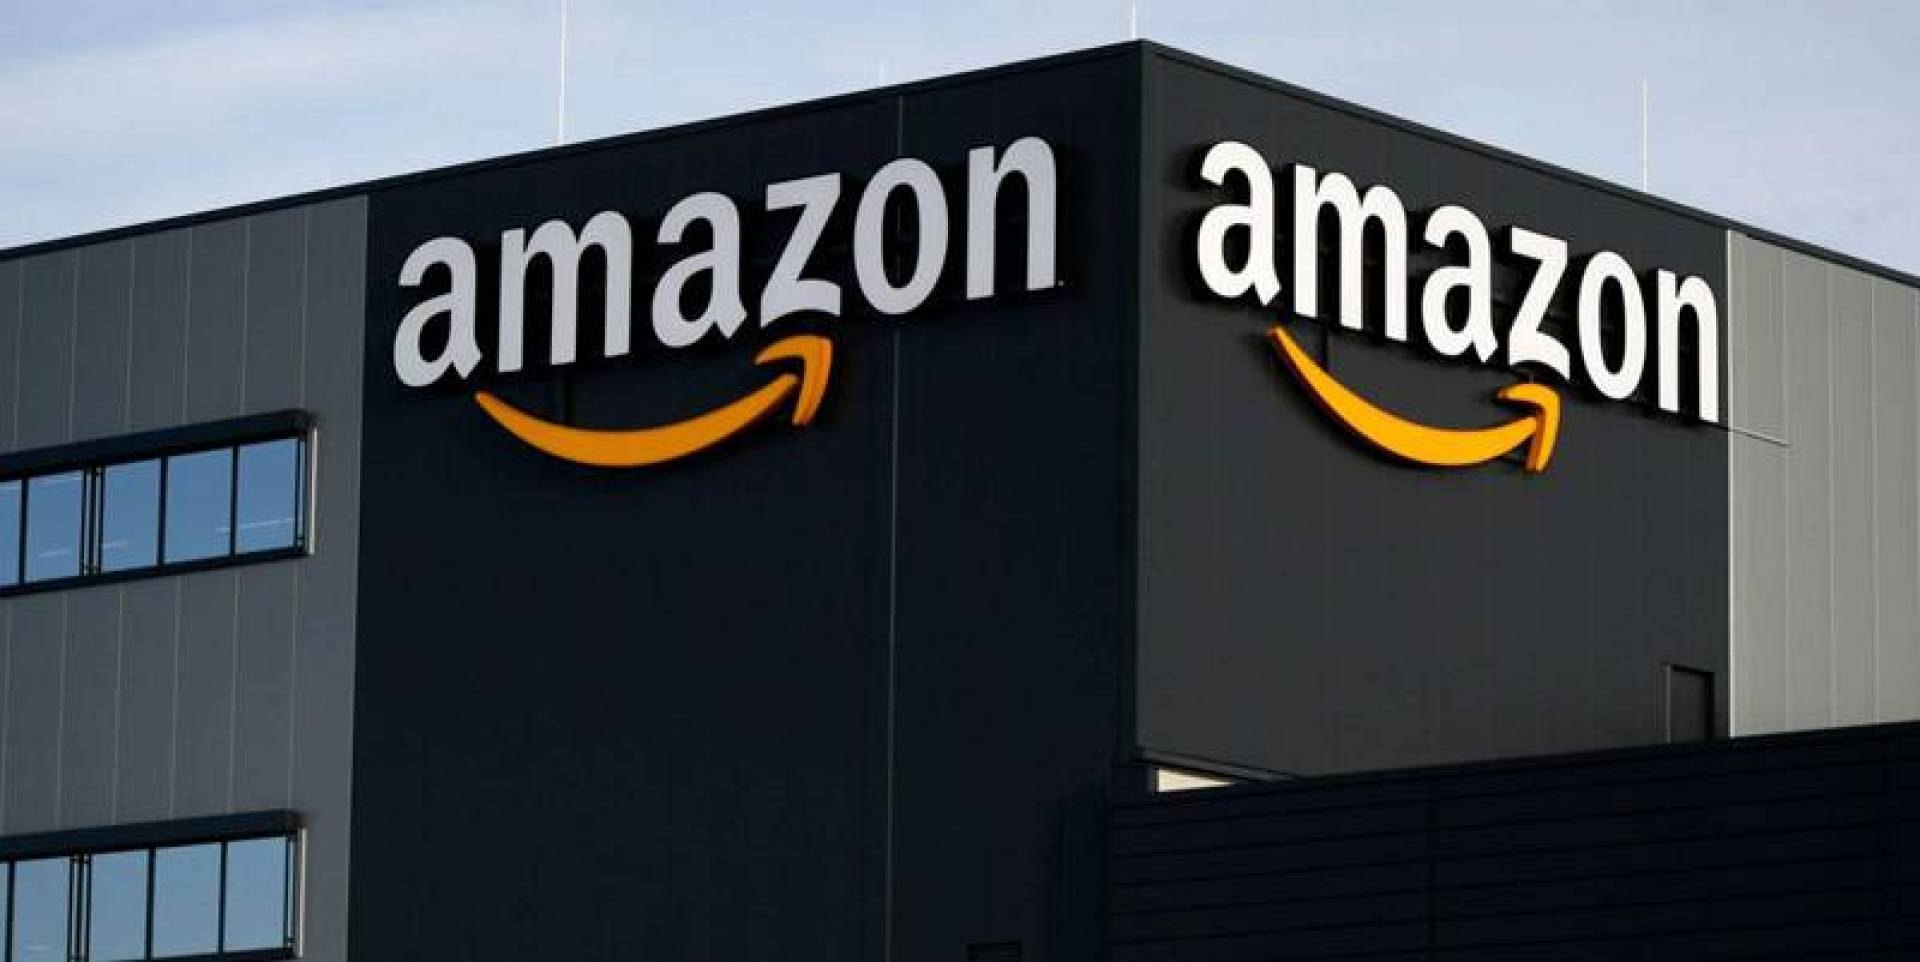 بيزوس باع 3.1 مليارات دولار من أسهم «أمازون